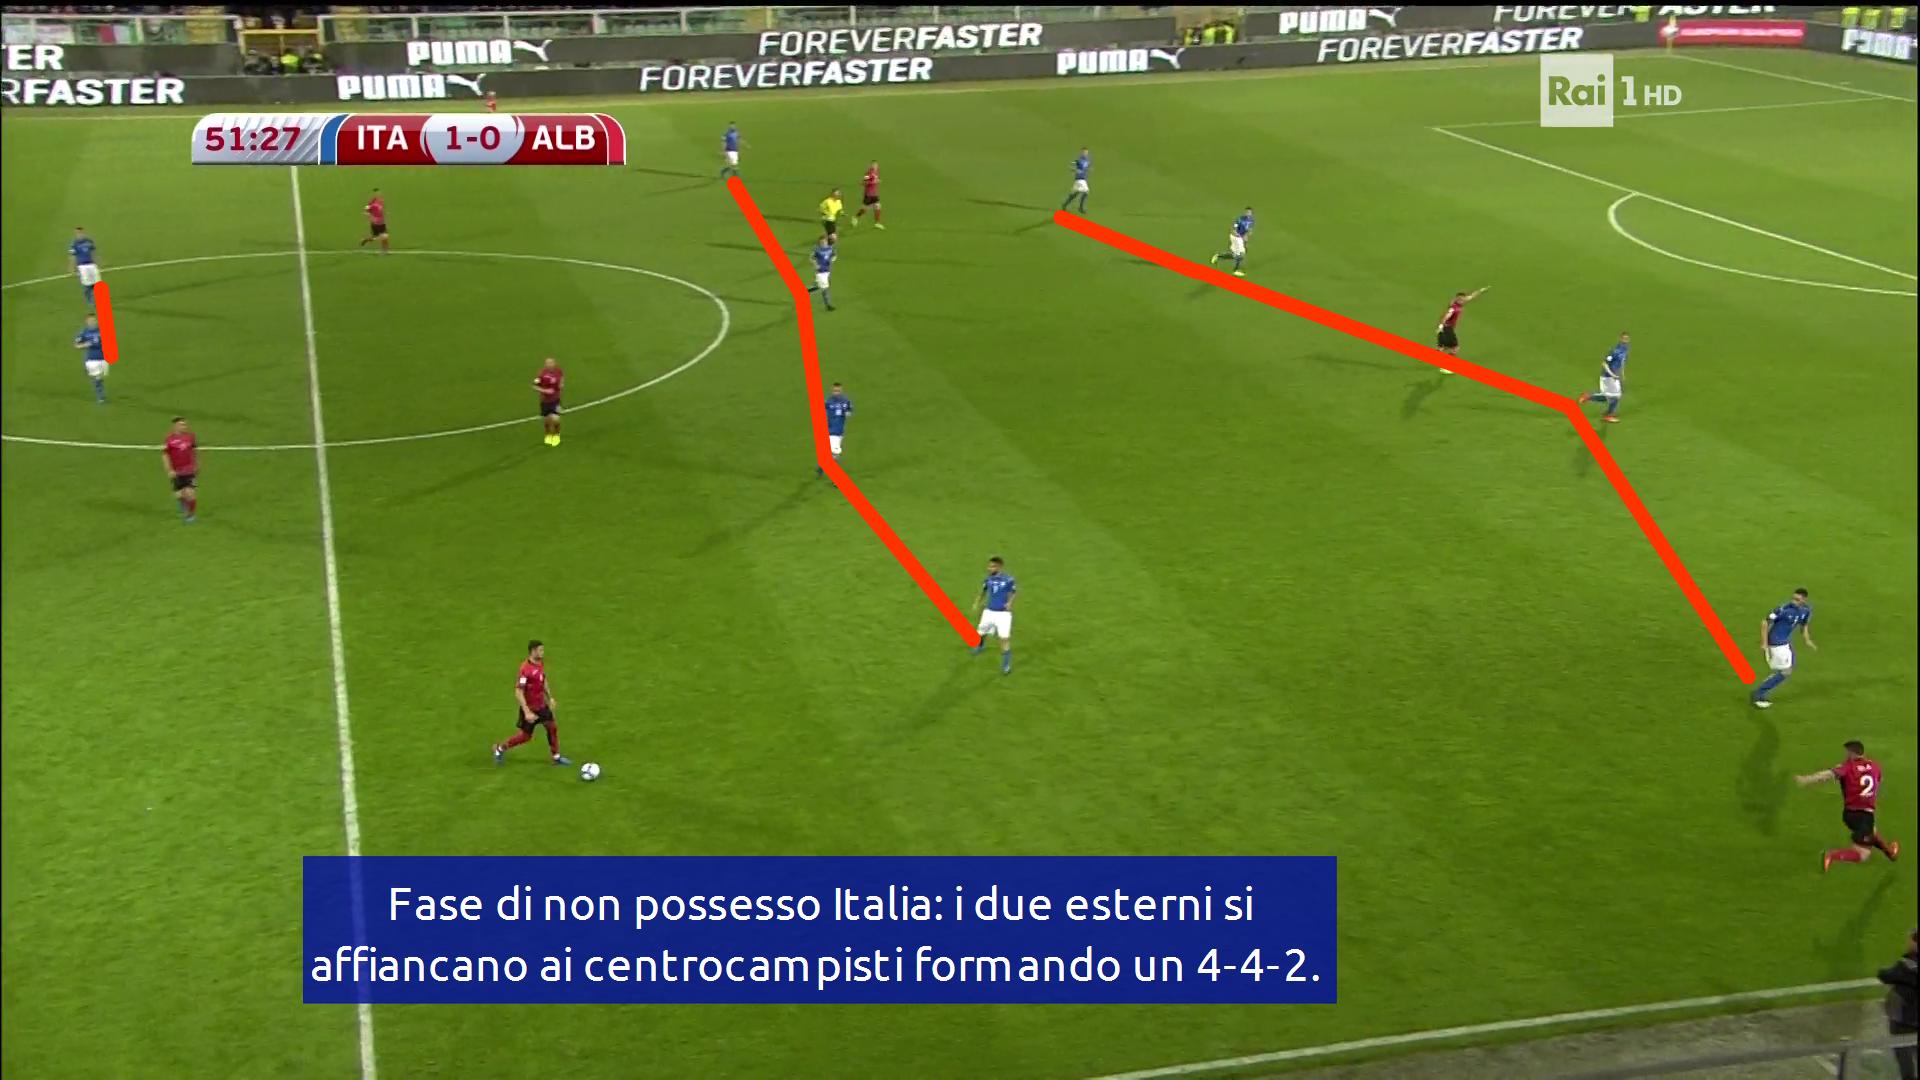 sistema di gioco difensivo dell'Italia di ventura